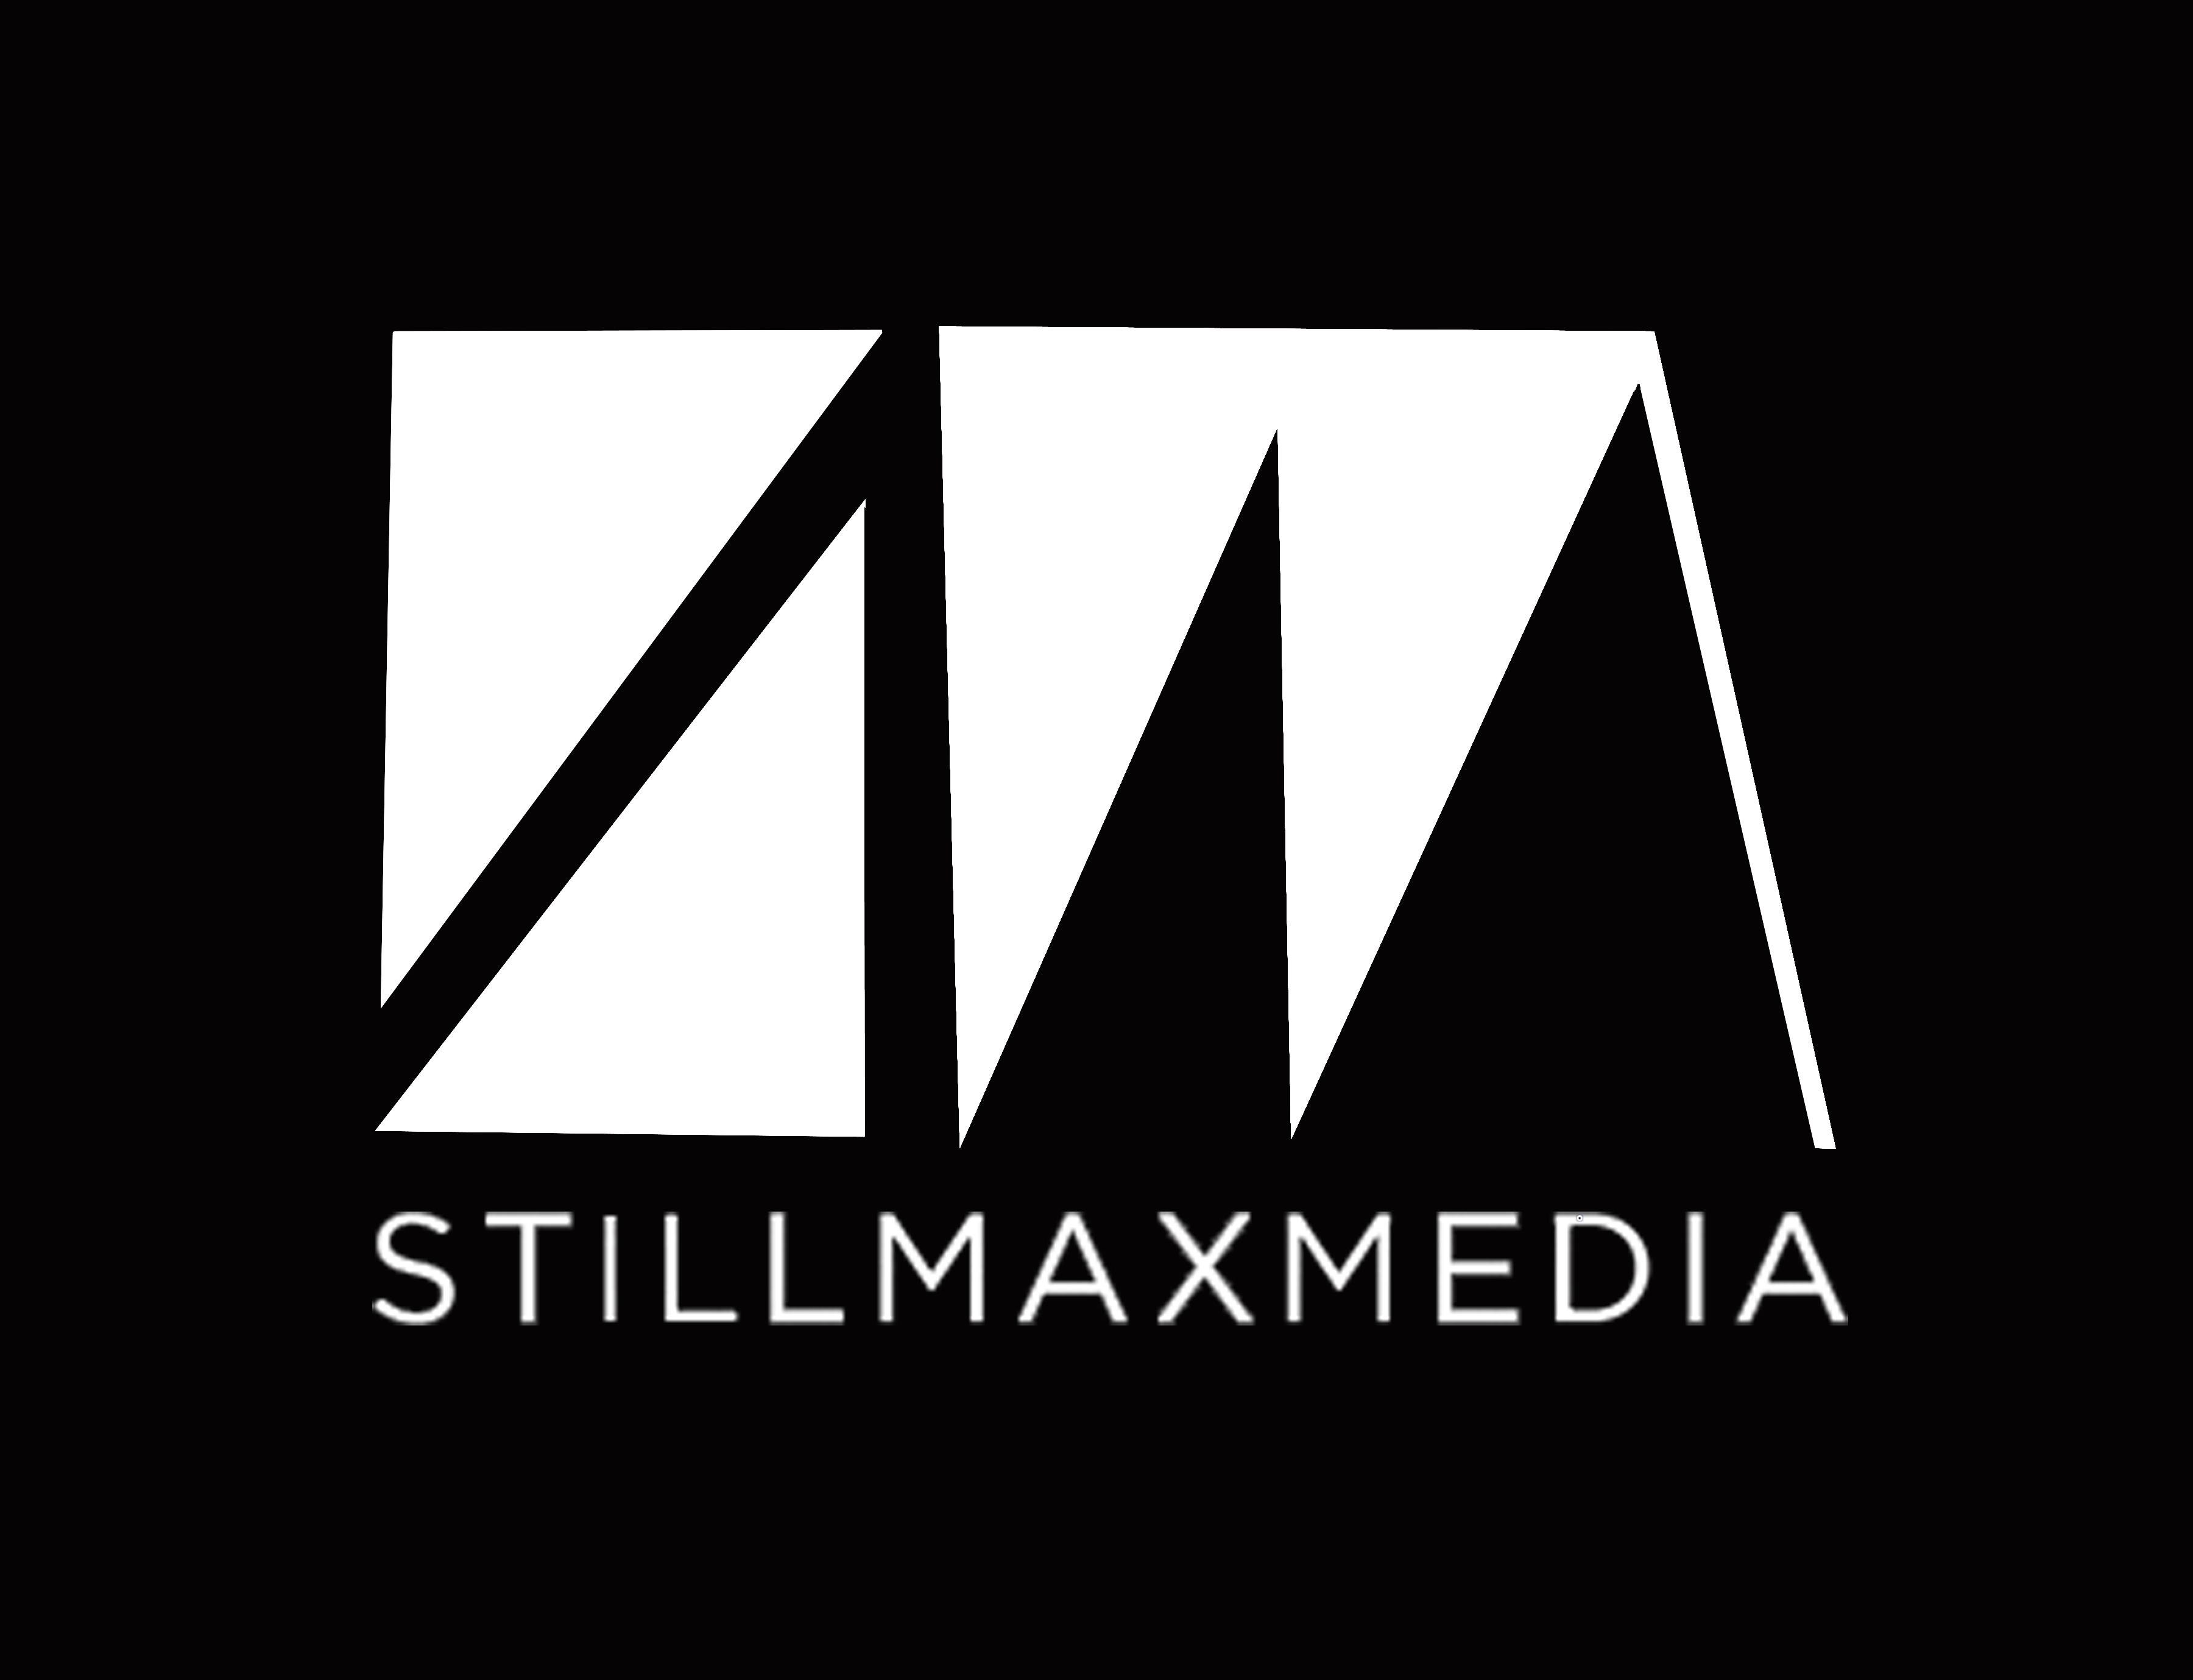 Stillmax Media